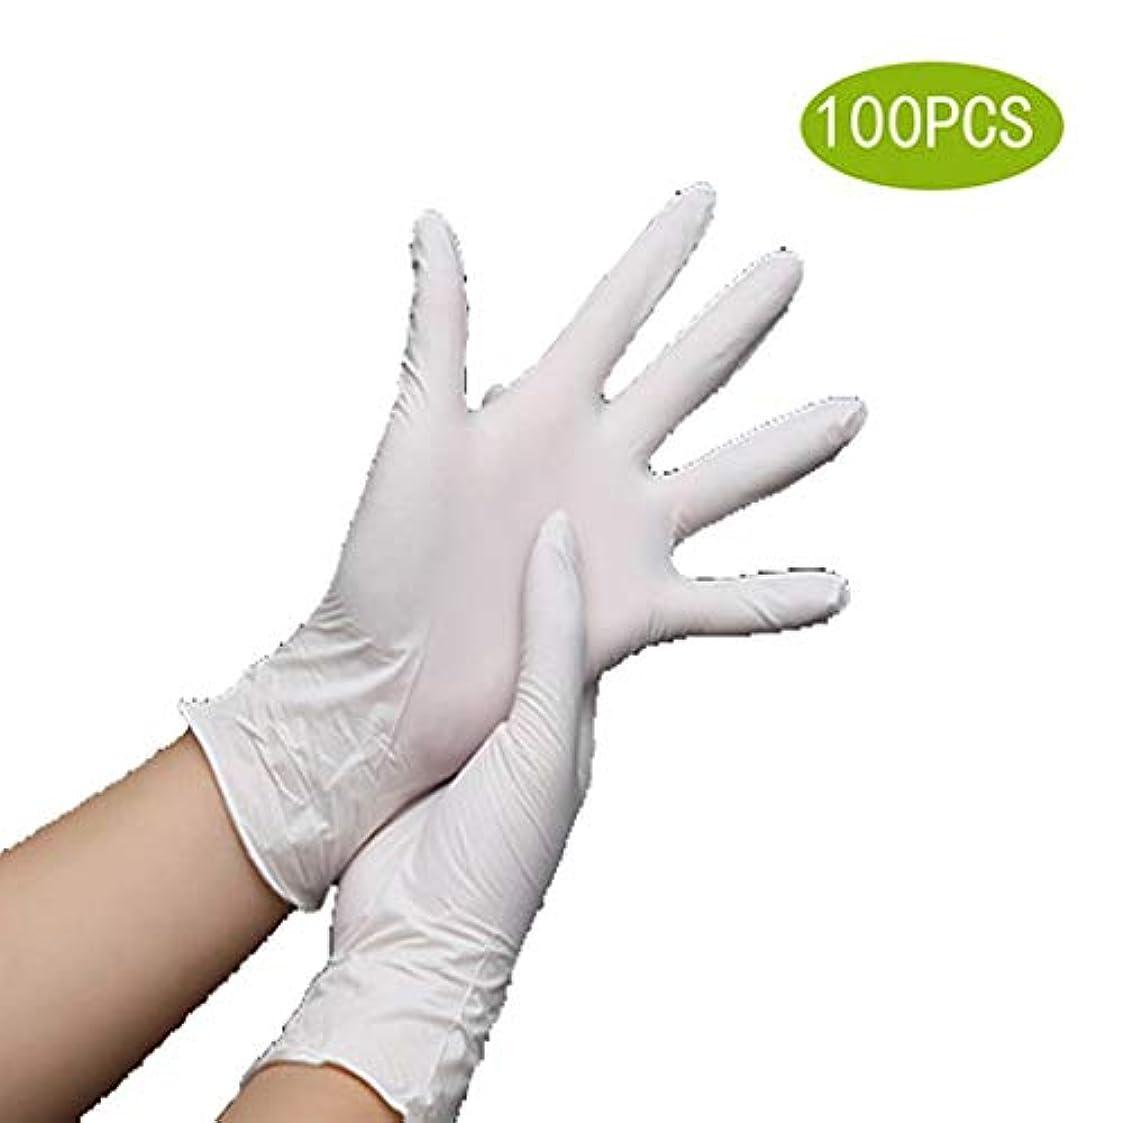 驚いたまたはどちらか機関ニトリル使い捨て手袋、3ミルの厚さ、質感の指先(100箱) (Color : White, Size : XS)